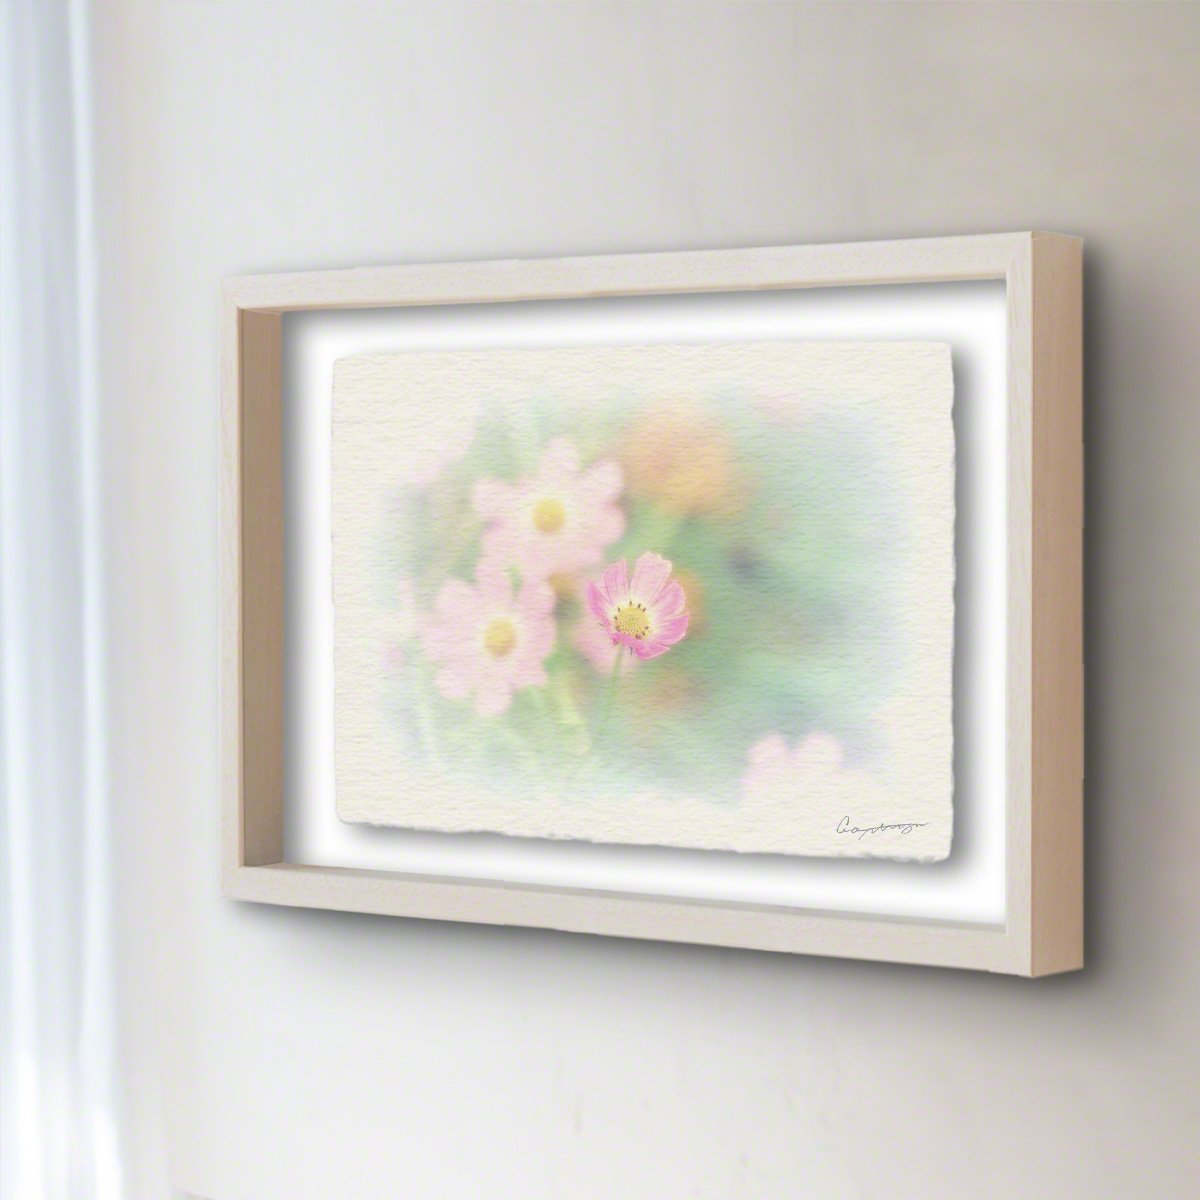 和紙 アートフレーム 「開きかけたピンクの一輪のコスモス」 (40x30cm) 花 絵 絵画 壁掛け 壁飾り 額縁 インテリア アート B07BHJ8N3P 23.アートフレーム(長辺40cm) 28000円|開きかけたピンクの一輪のコスモス 開きかけたピンクの一輪のコスモス 23.アートフレーム(長辺40cm) 28000円